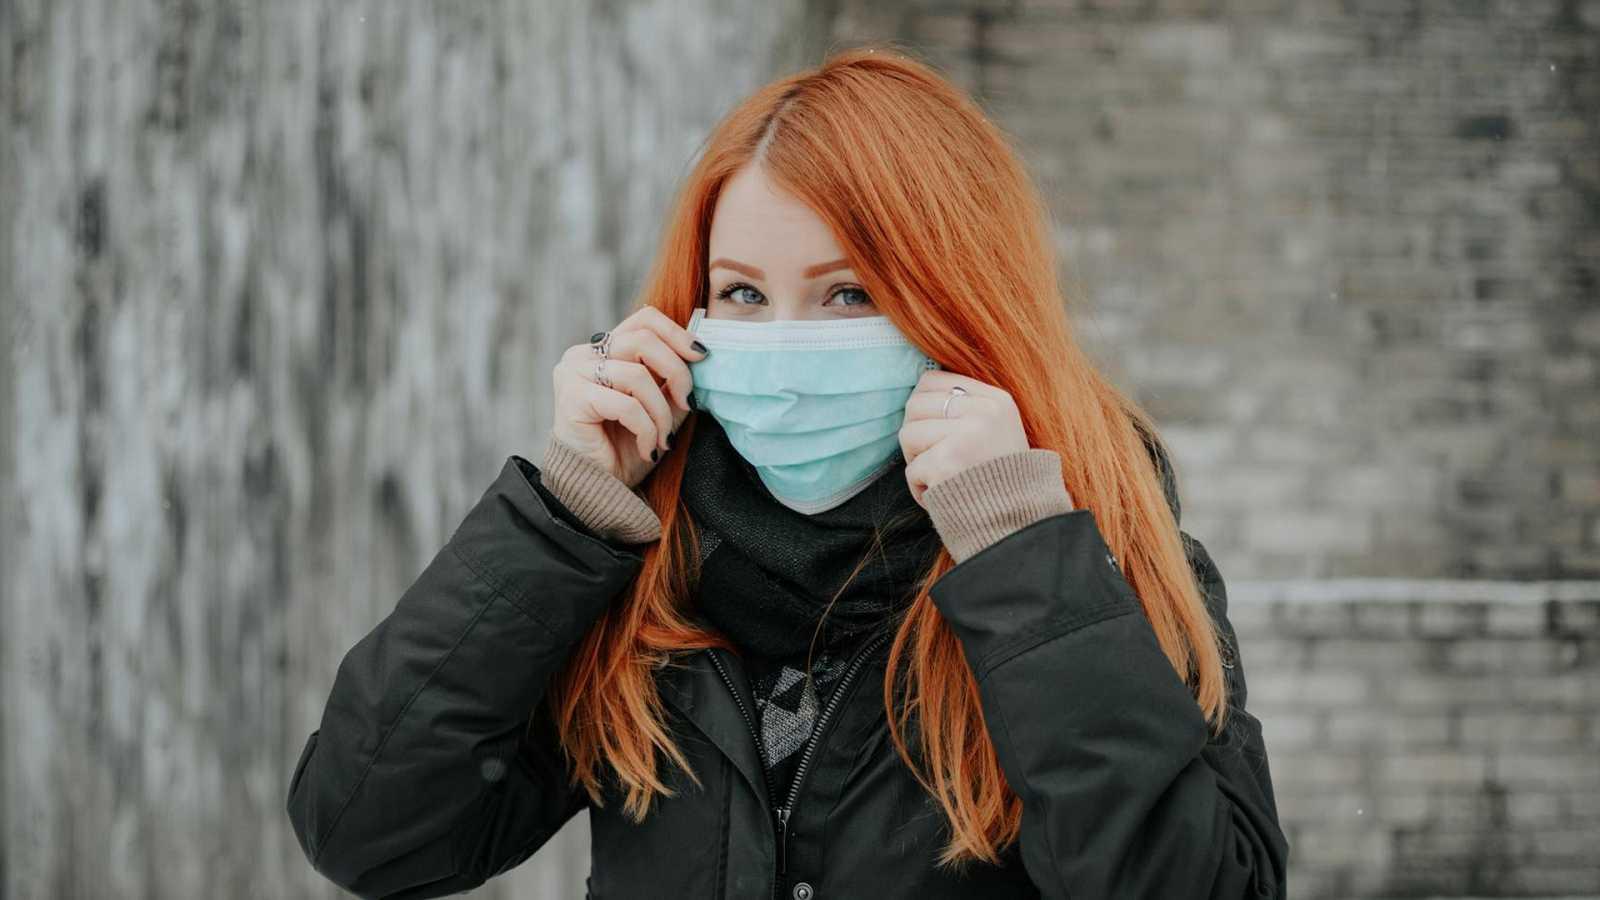 'Coronavirus, el mundo está cambiando', esta noche en La 2